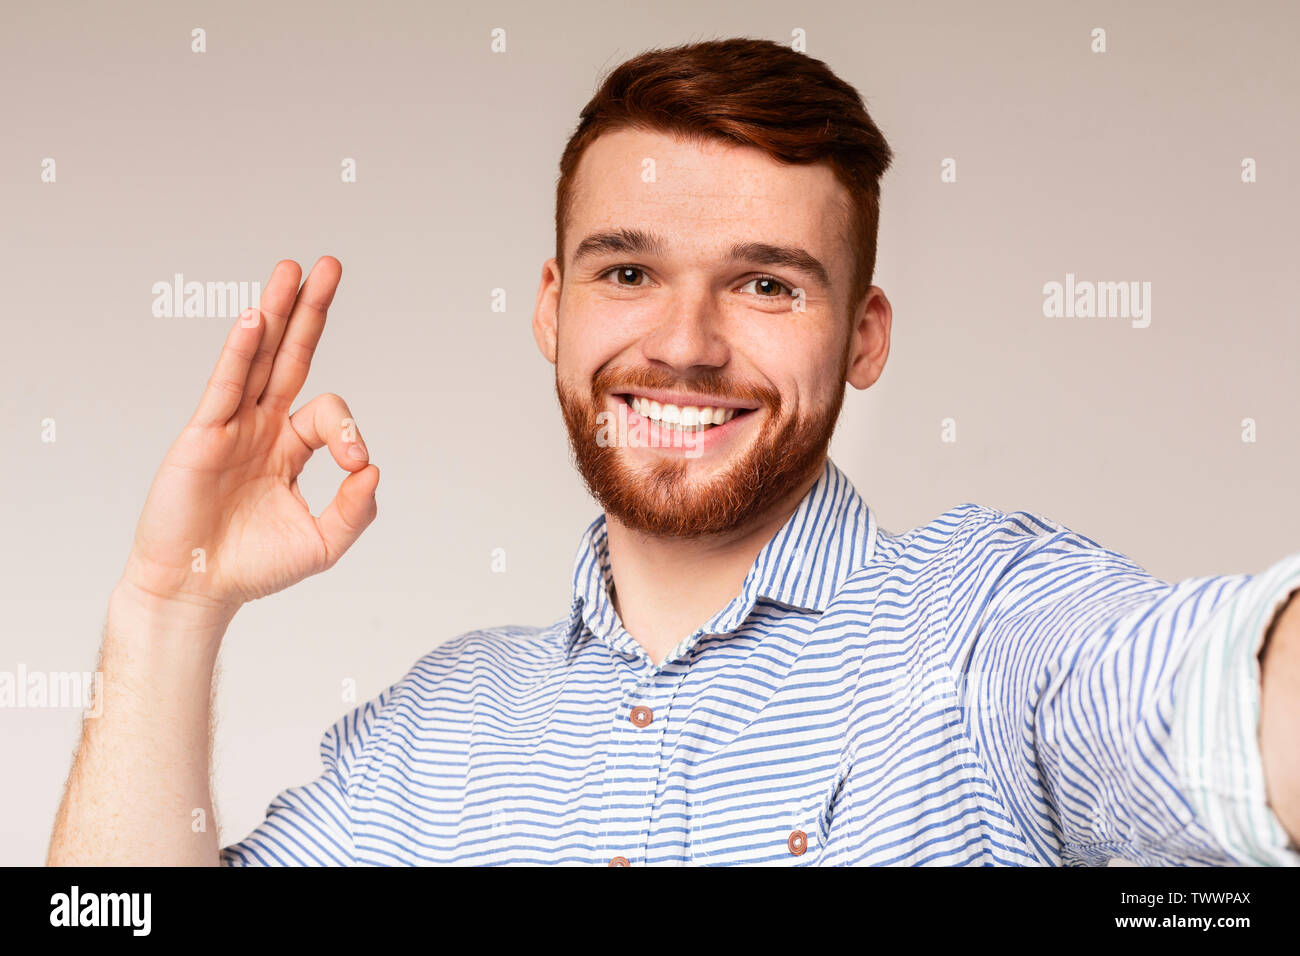 Selfie handsome guy How to